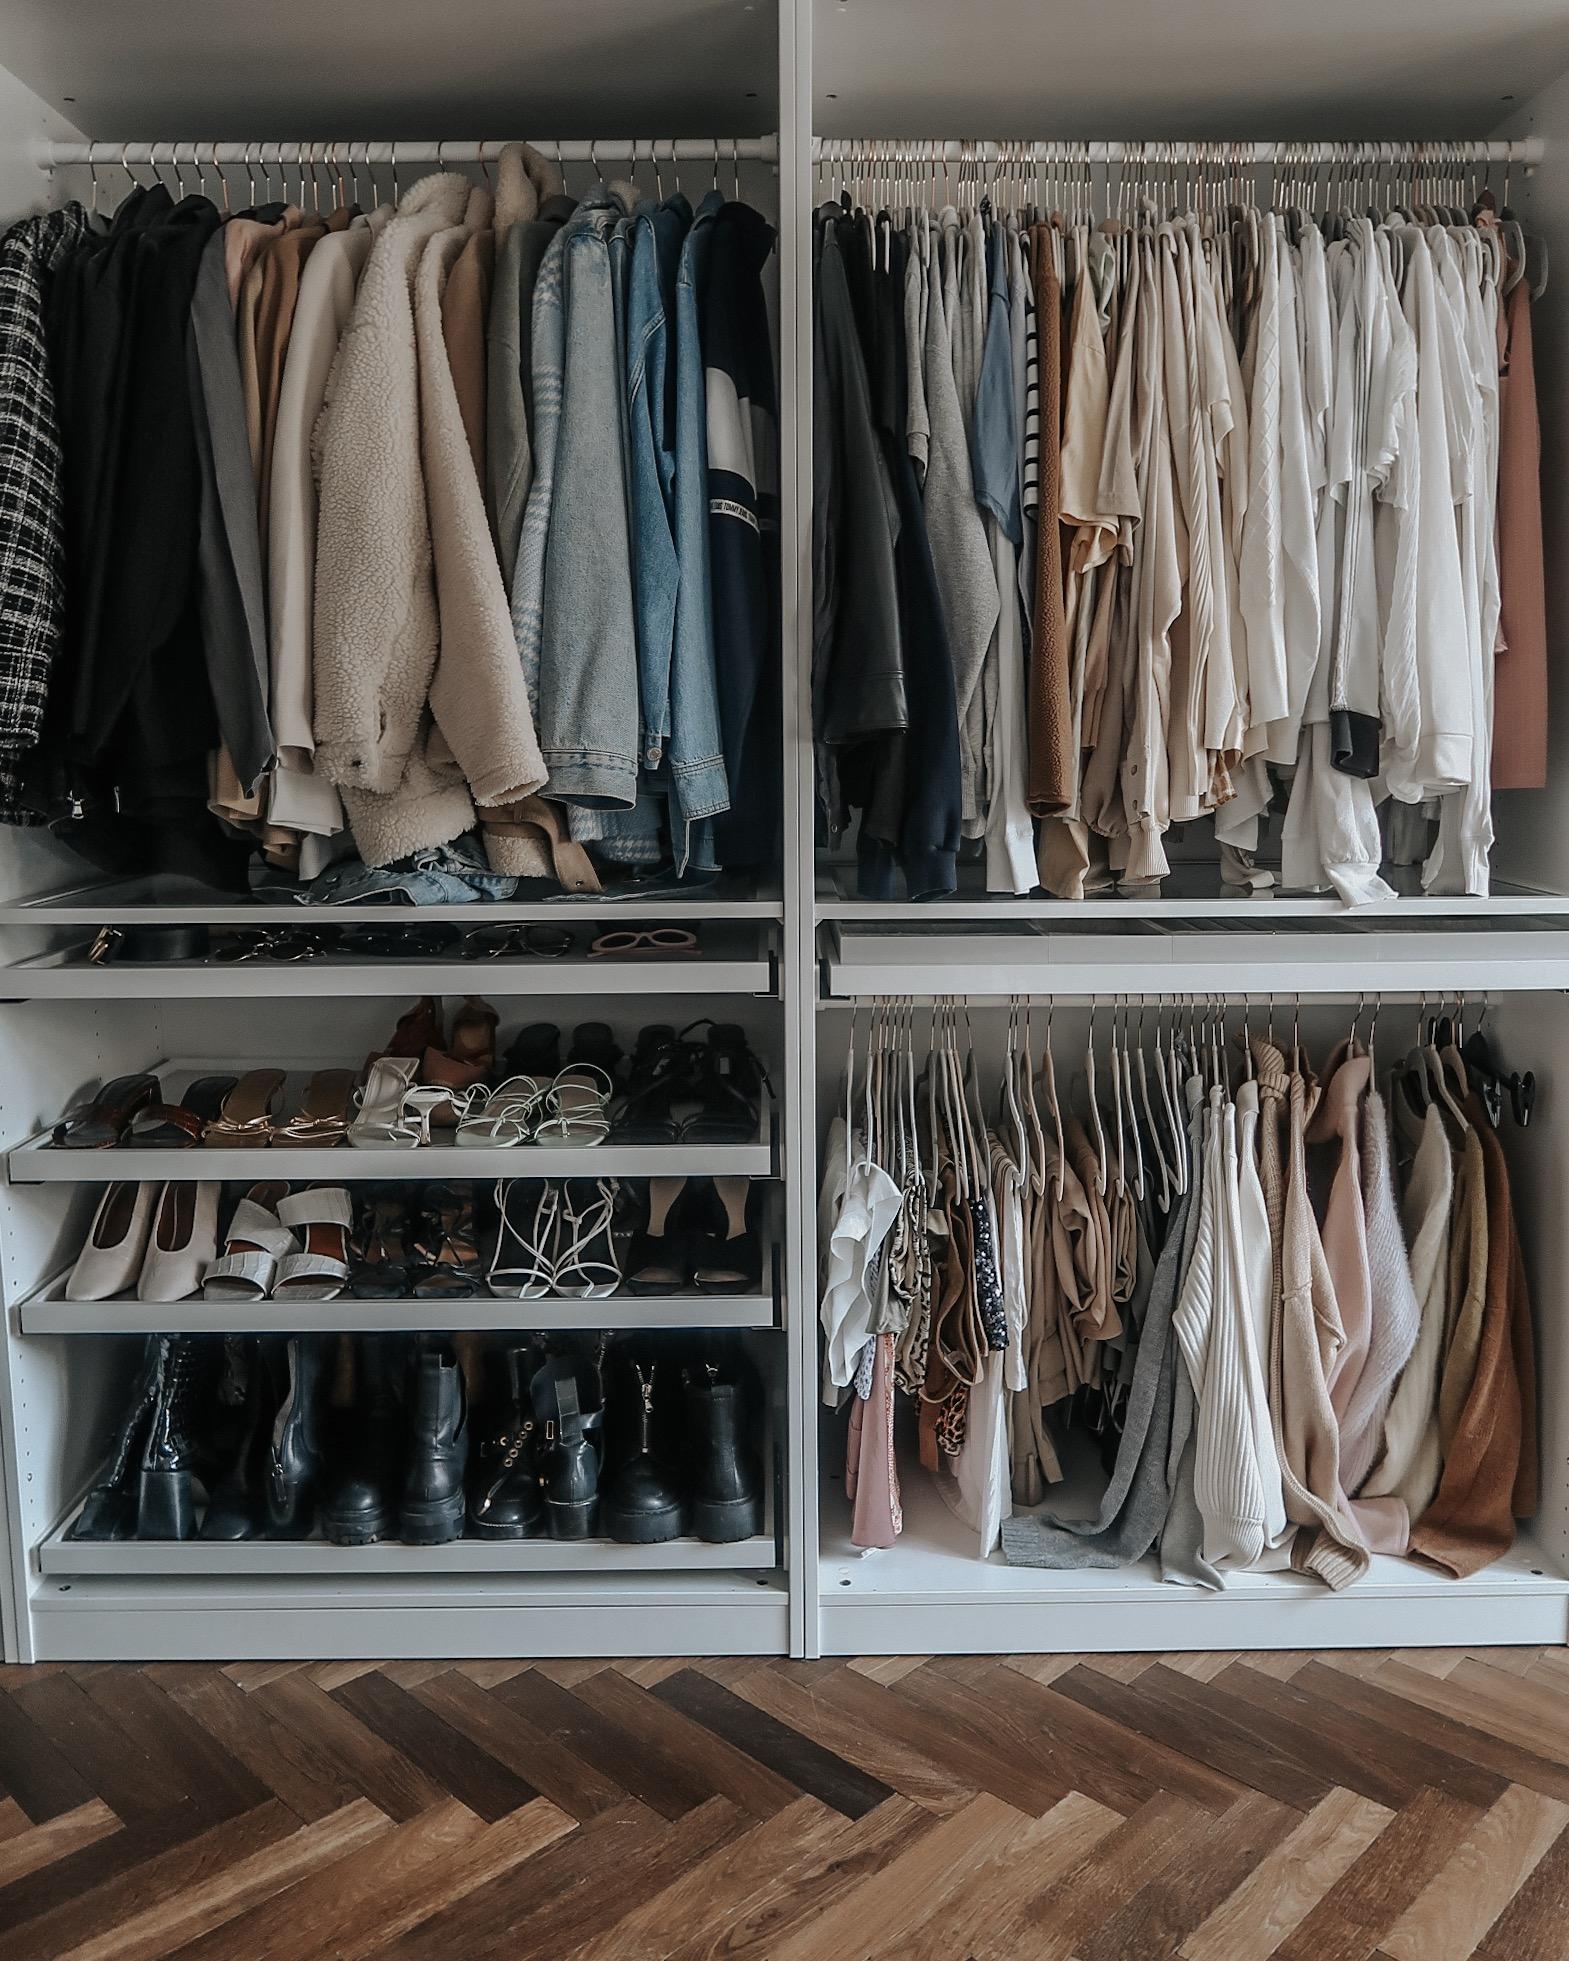 Ikea Pax Wardrobe - Storage System